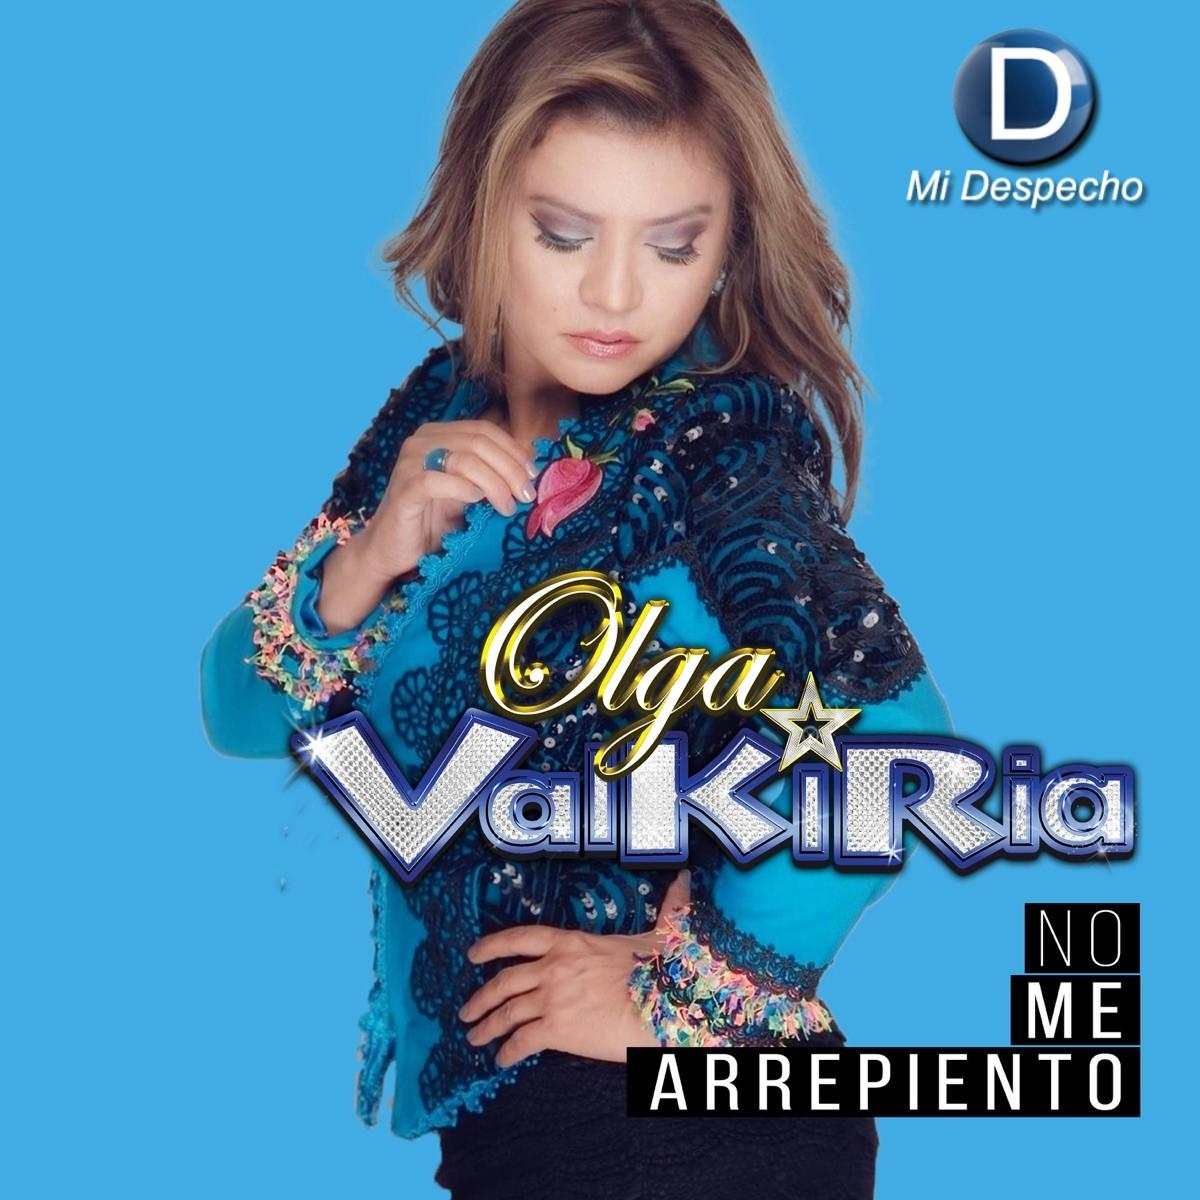 Olga Valkiria No Me Arrepiento Frontal